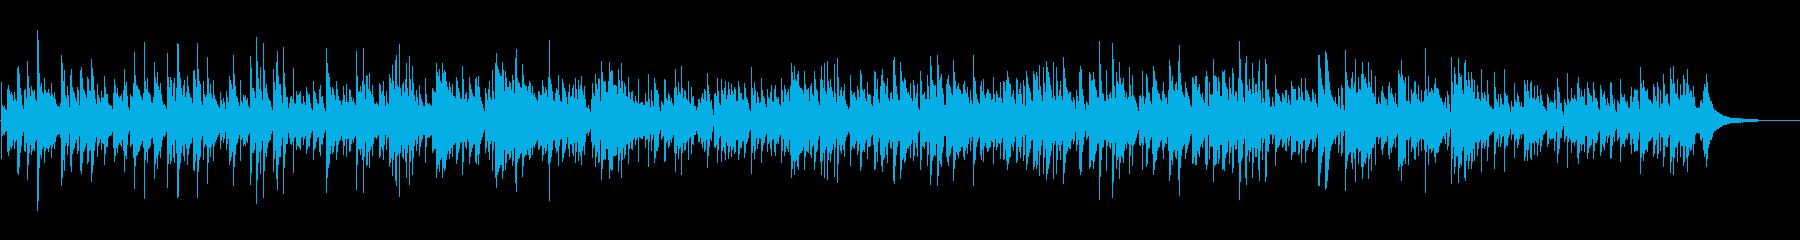 ほのぼのおしゃれボサノバの再生済みの波形